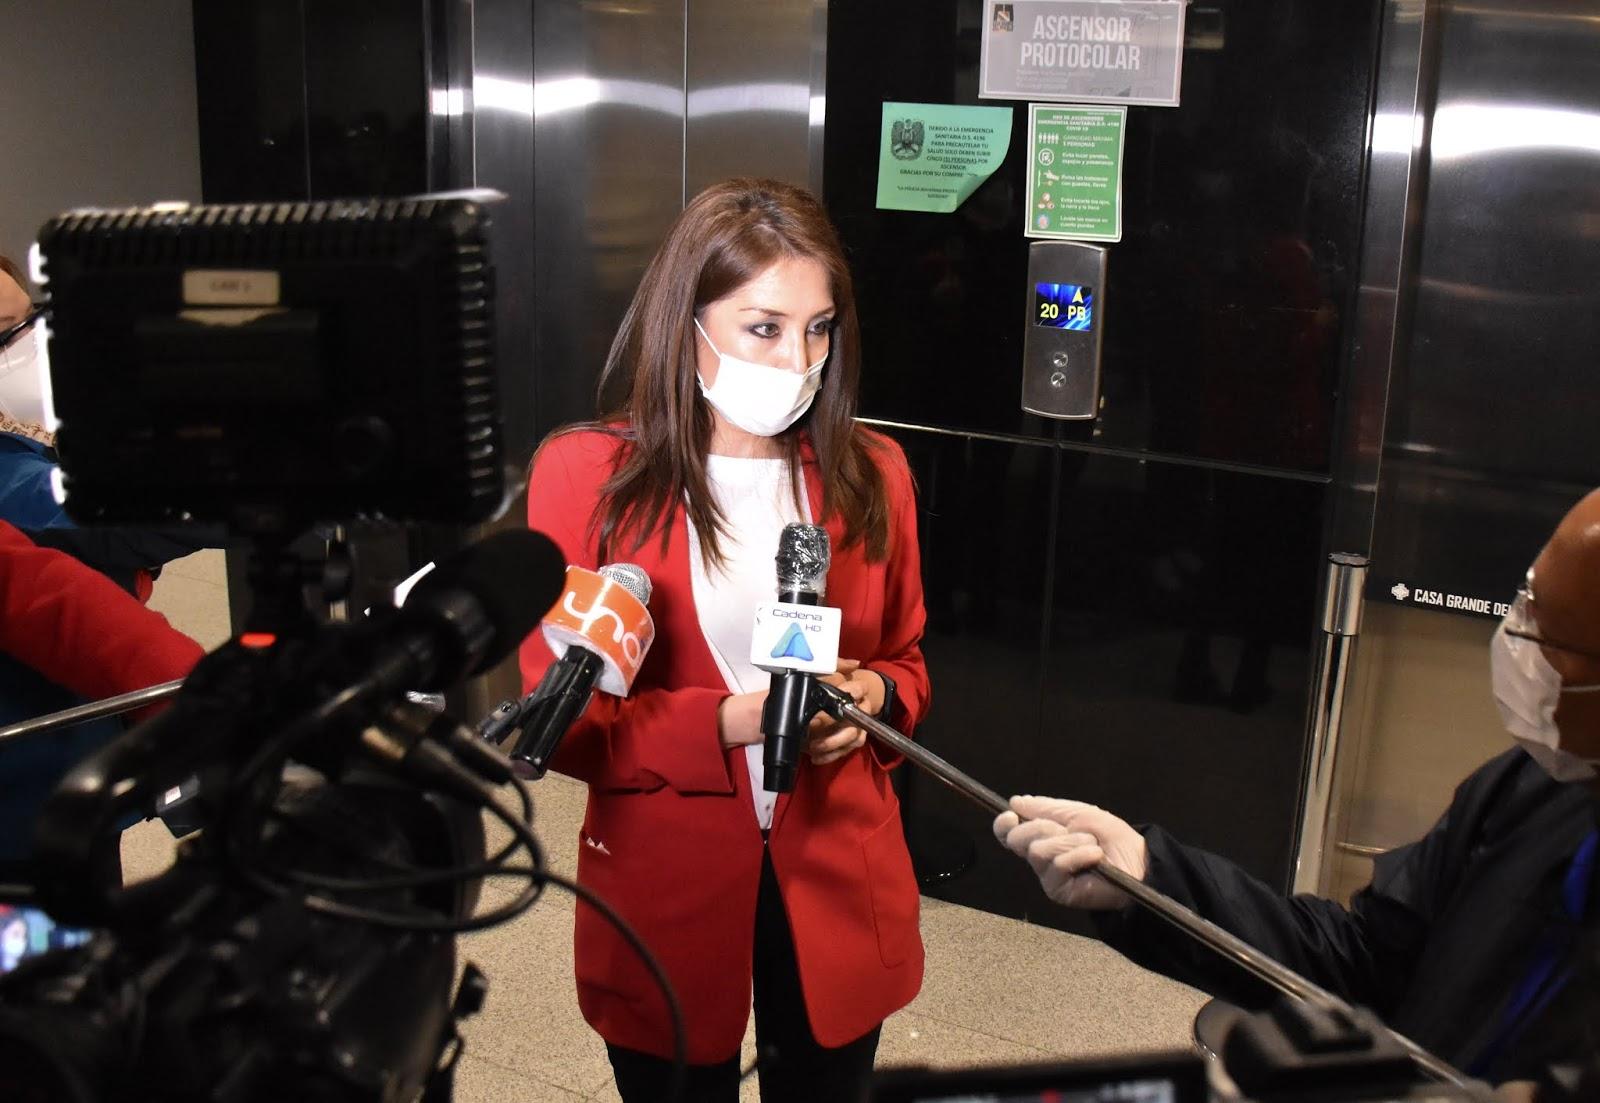 La ministra de Comunicación, Isabel Fernández, atendiendo las consultas de la prensa / ABI